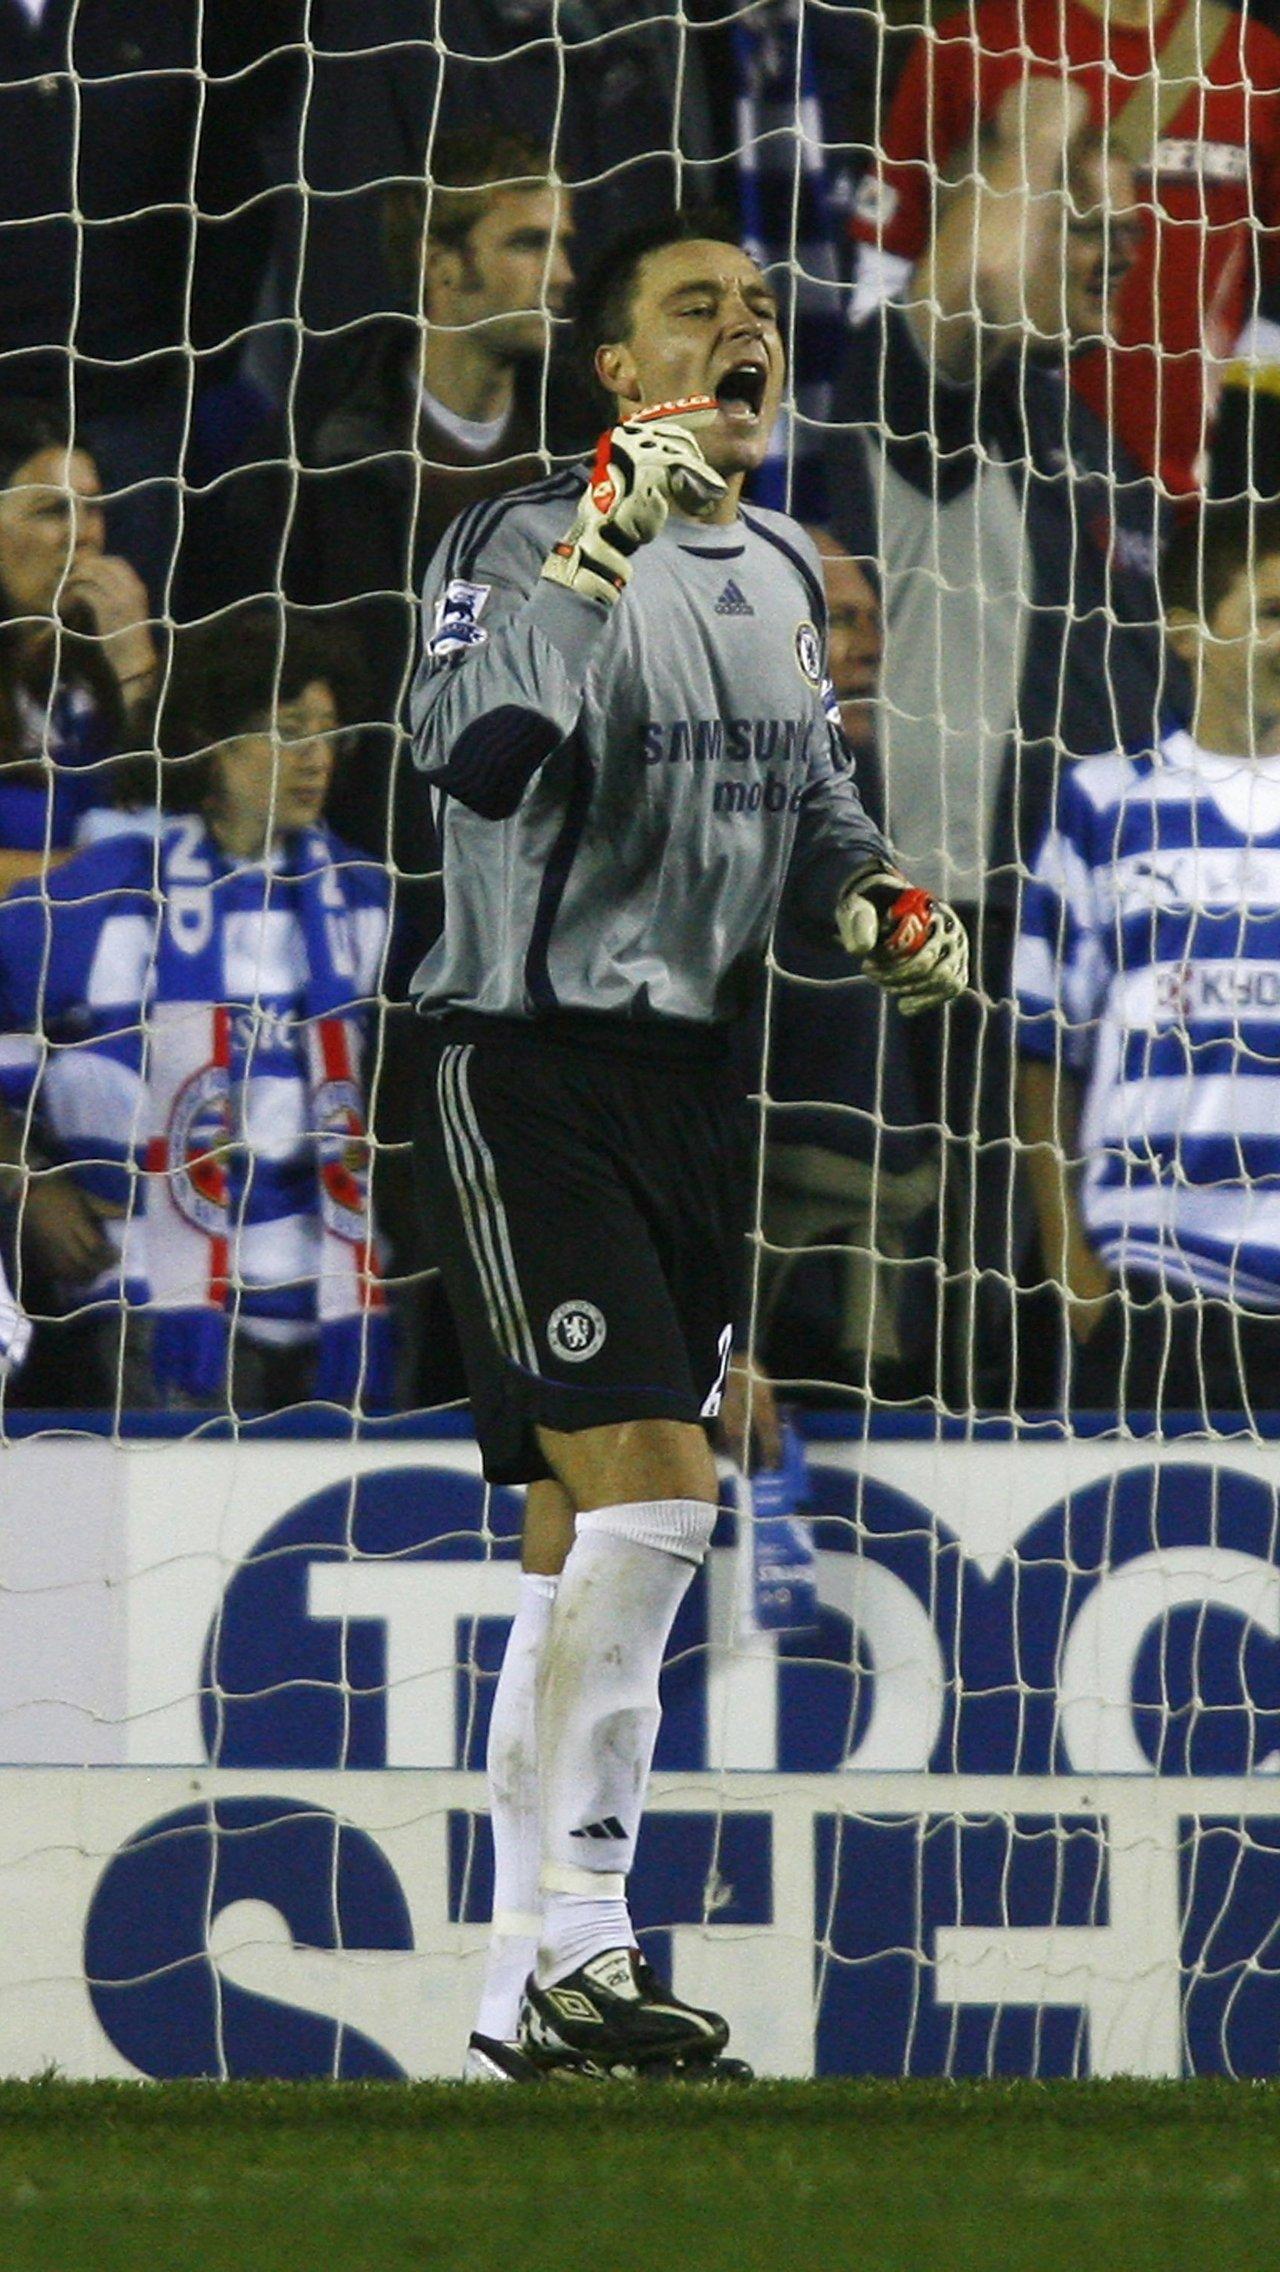 15 лет назад случился легендарный матч «Челси», когда выбыли сразу два вратаря